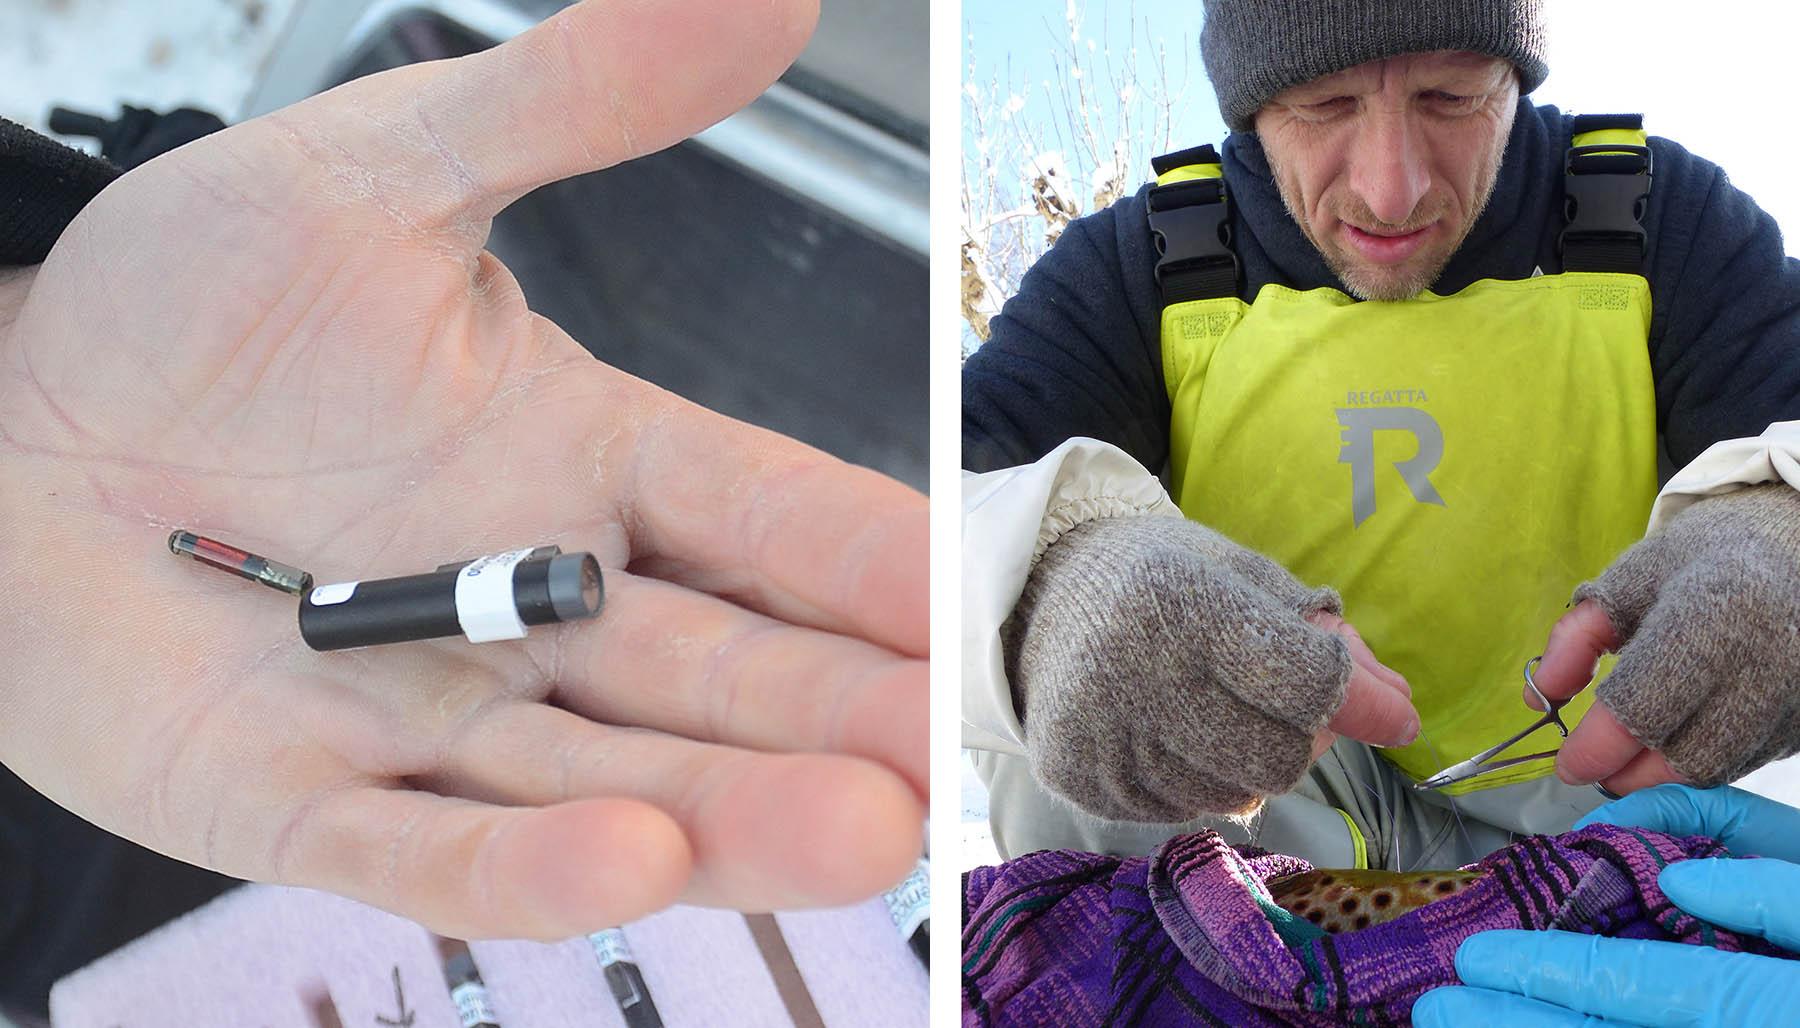 PIT-merke (til venstre) og en liten radiosender (til høyre i hånden) opereres inn i sjøørreten. Radiosenderen kommuniserer med lyttebøyer som registrerer hvor og hvor langt og dypt fisken svømmer. Foto: Øivind Berg